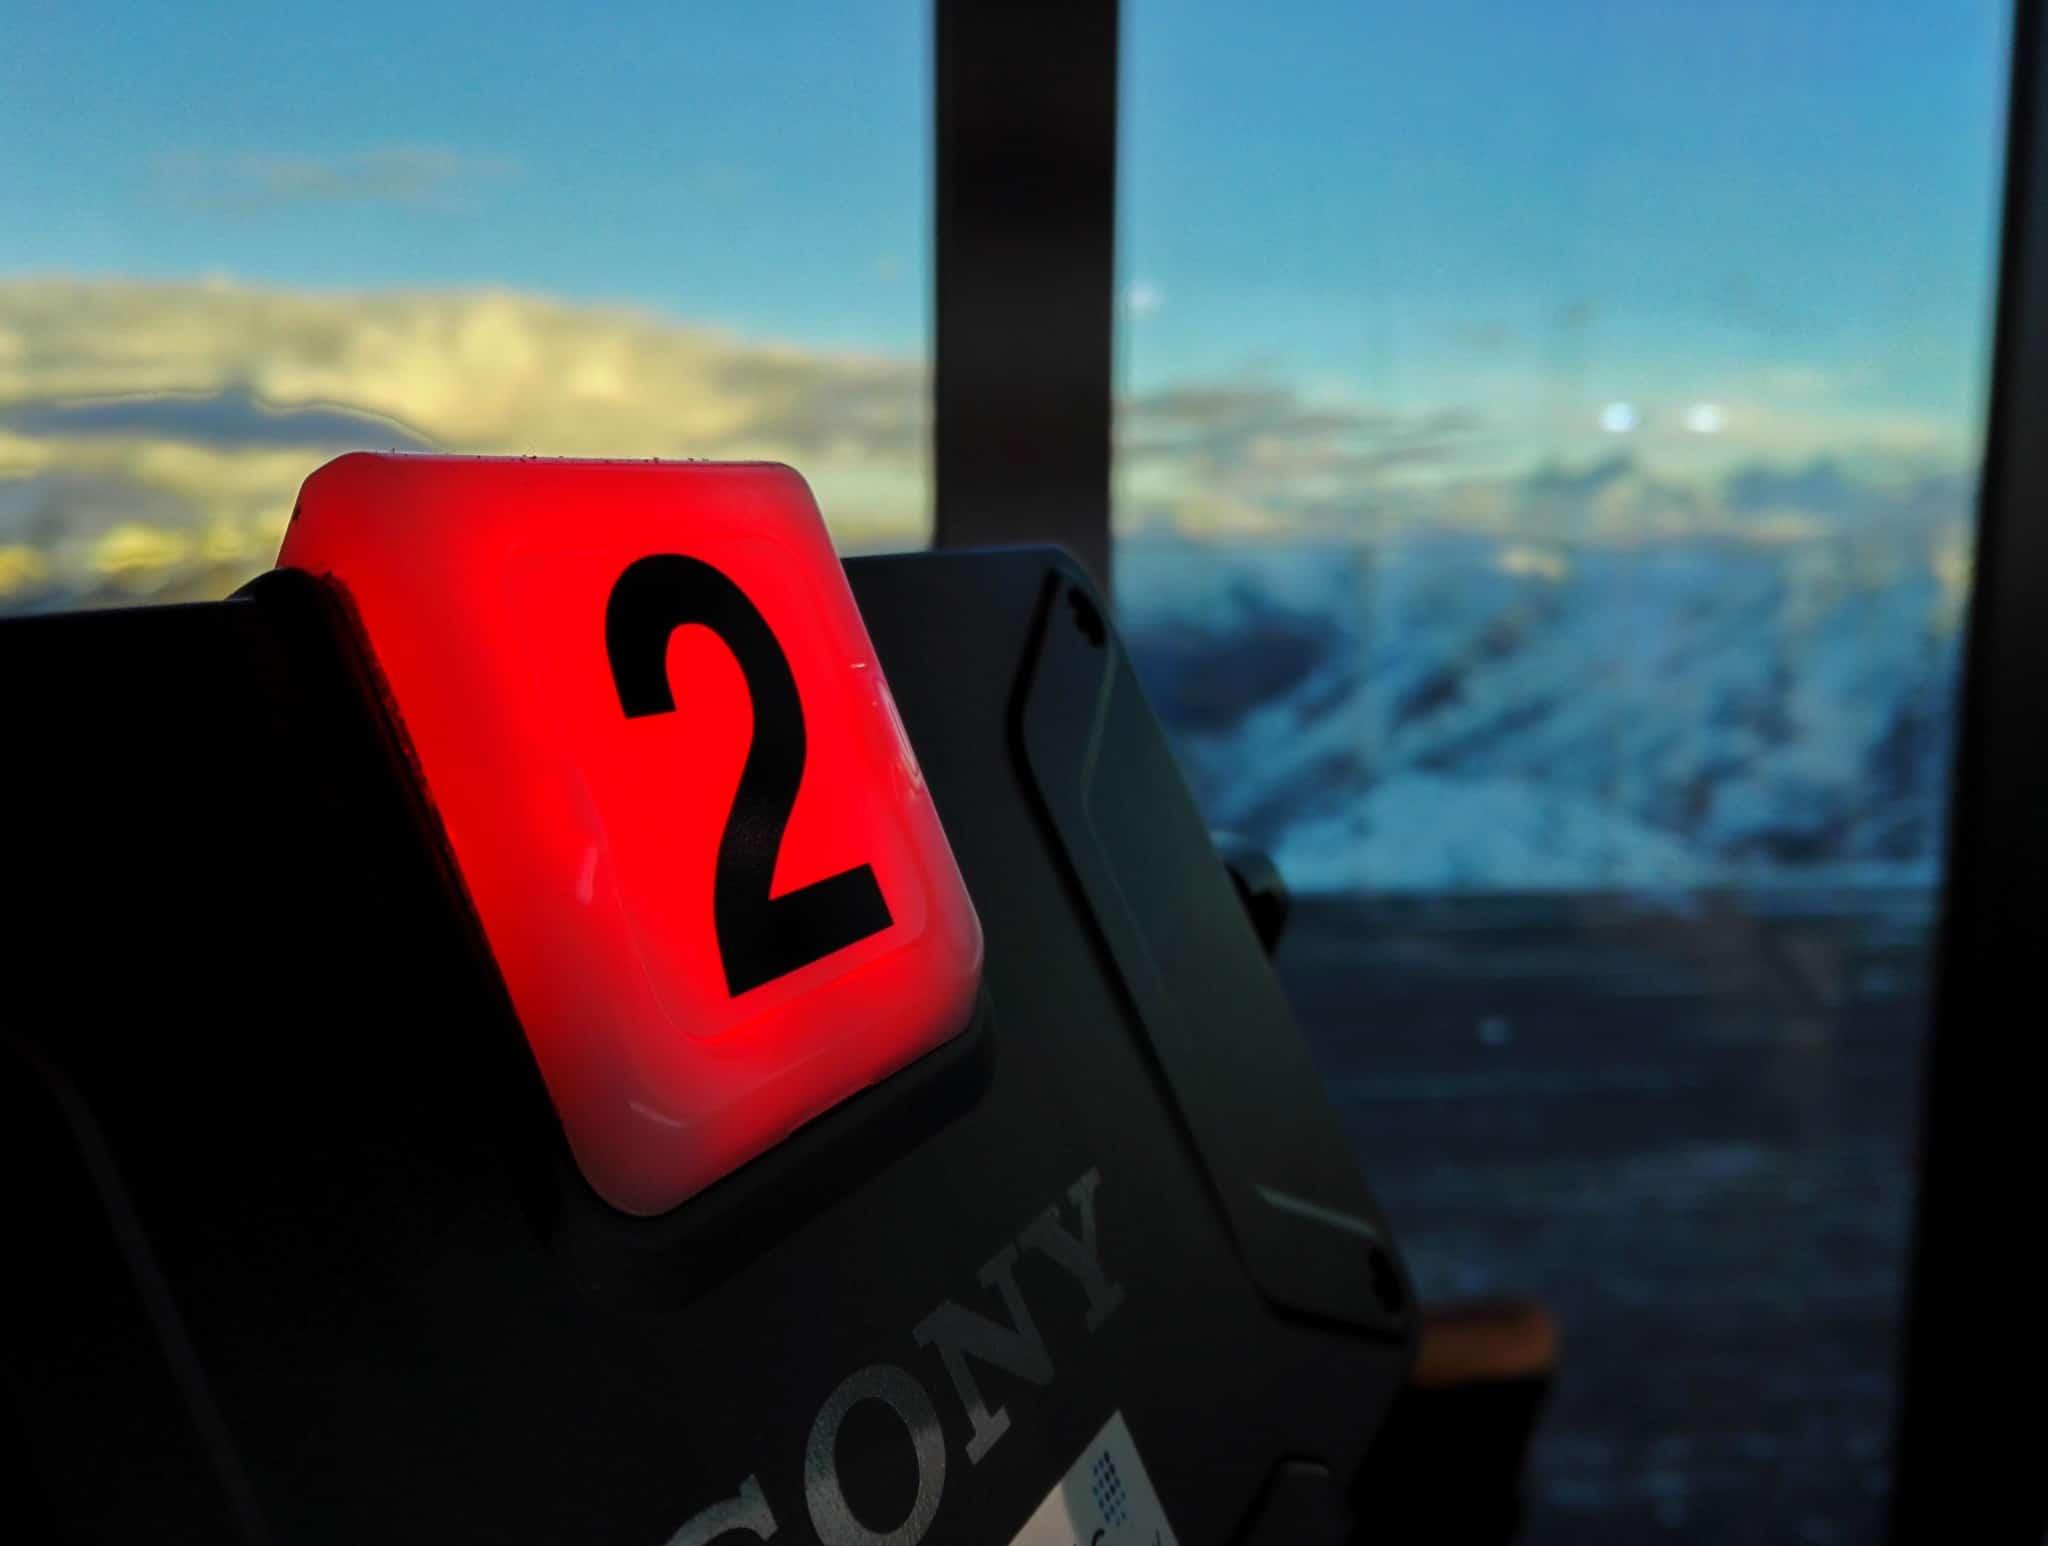 ServusTv Sport und Talk aus dem hangar7 soelden spezial 13 - ServusTV - Sport und Talk aus dem Hangar 7 - Sölden Spezial